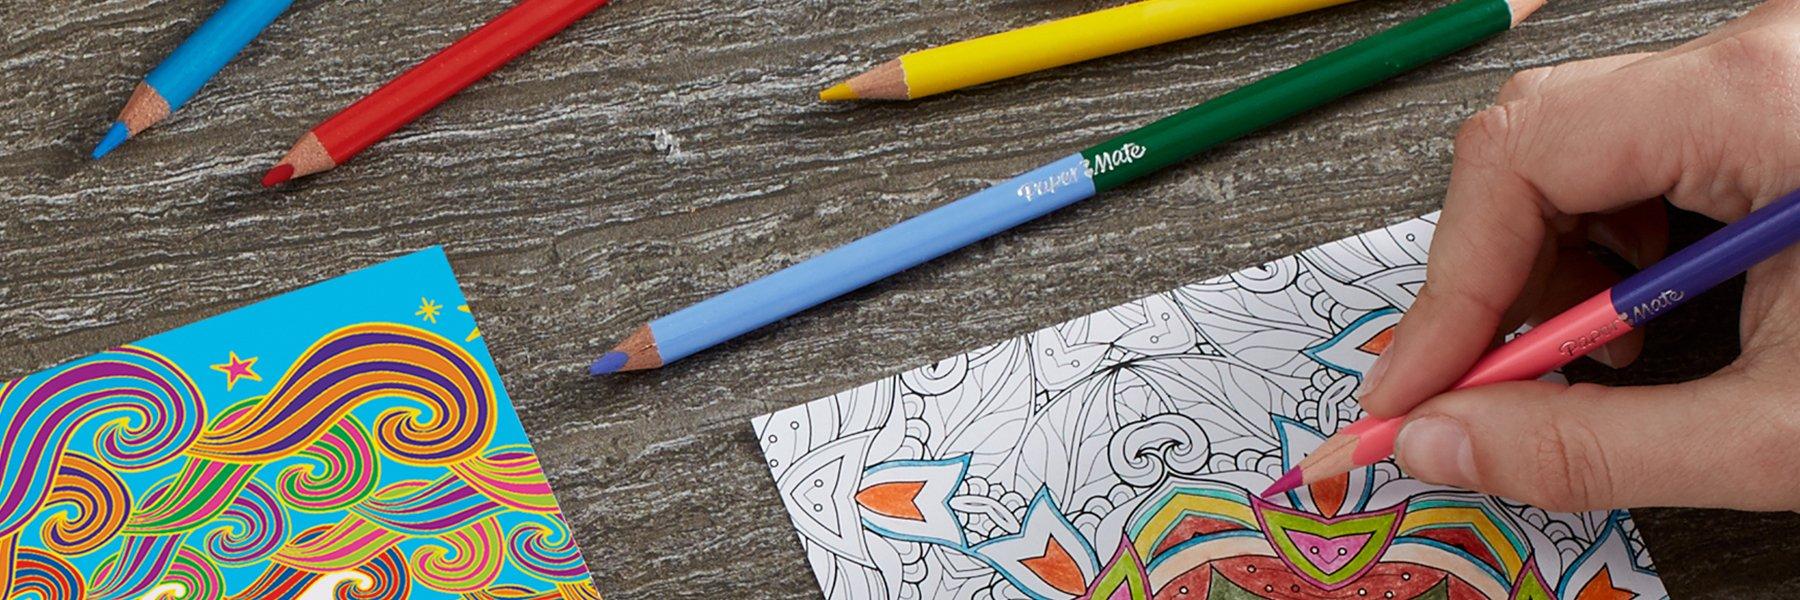 papermatecoloringplpbp3p.jpg